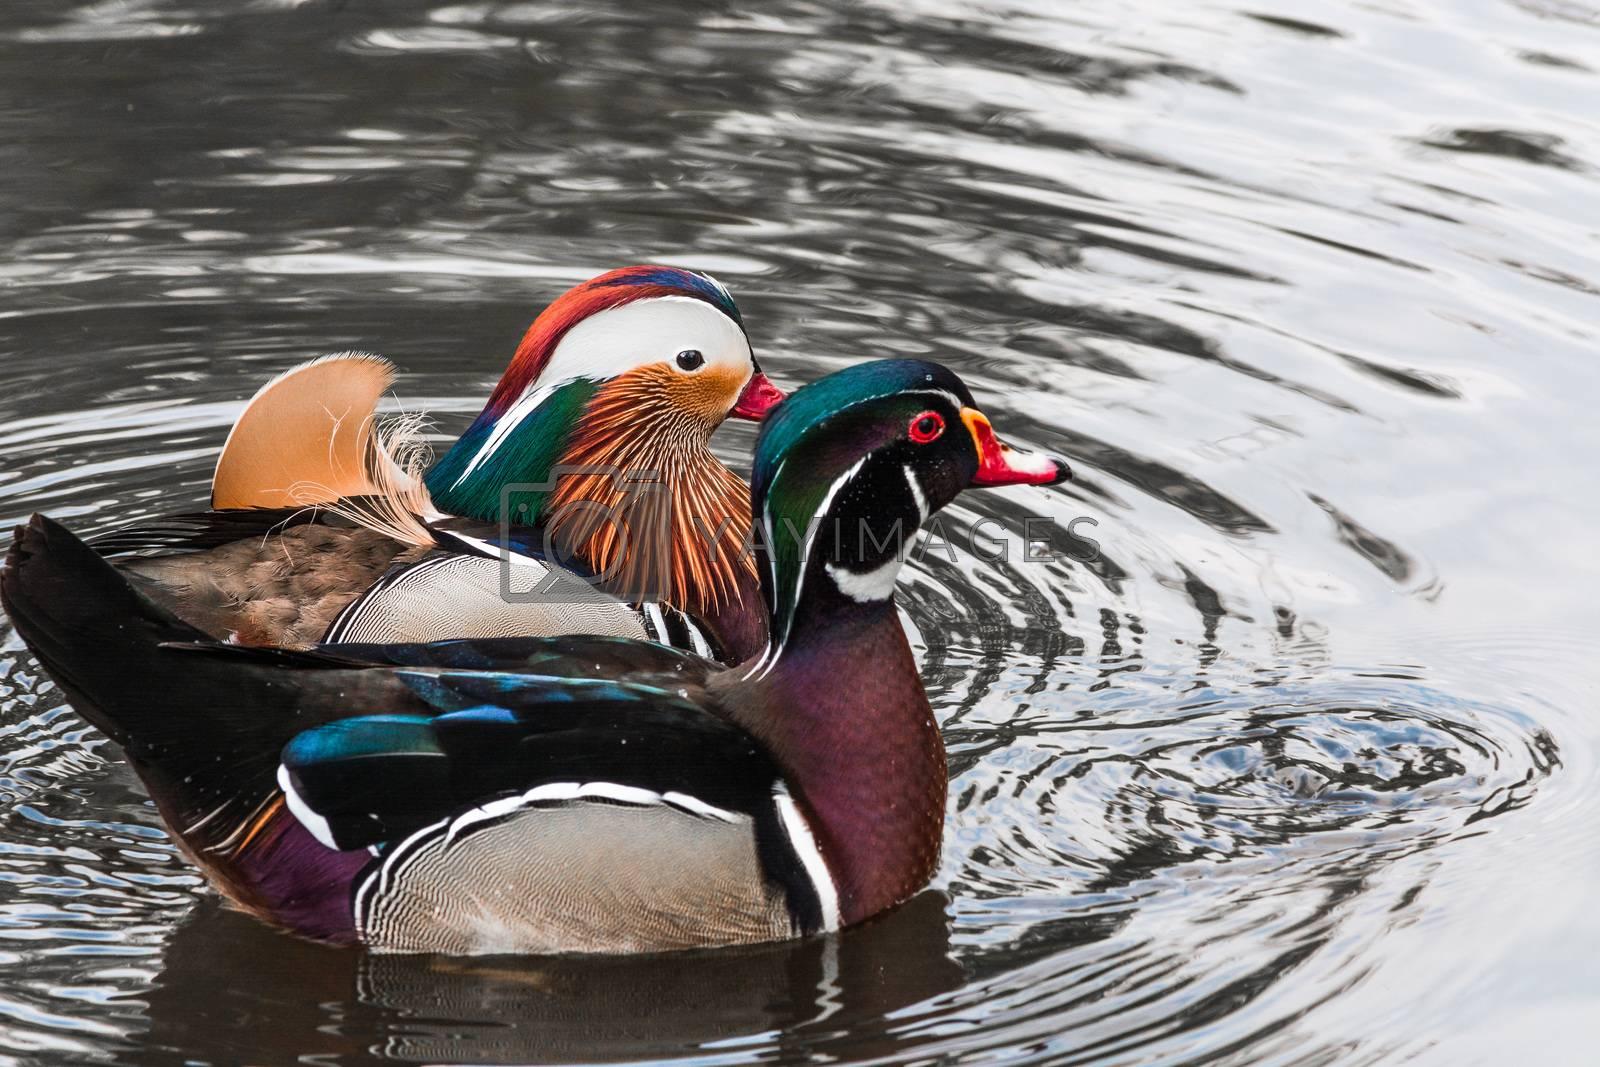 Closeup Mandarin duck (Aix galericulata) swimming in a pond.